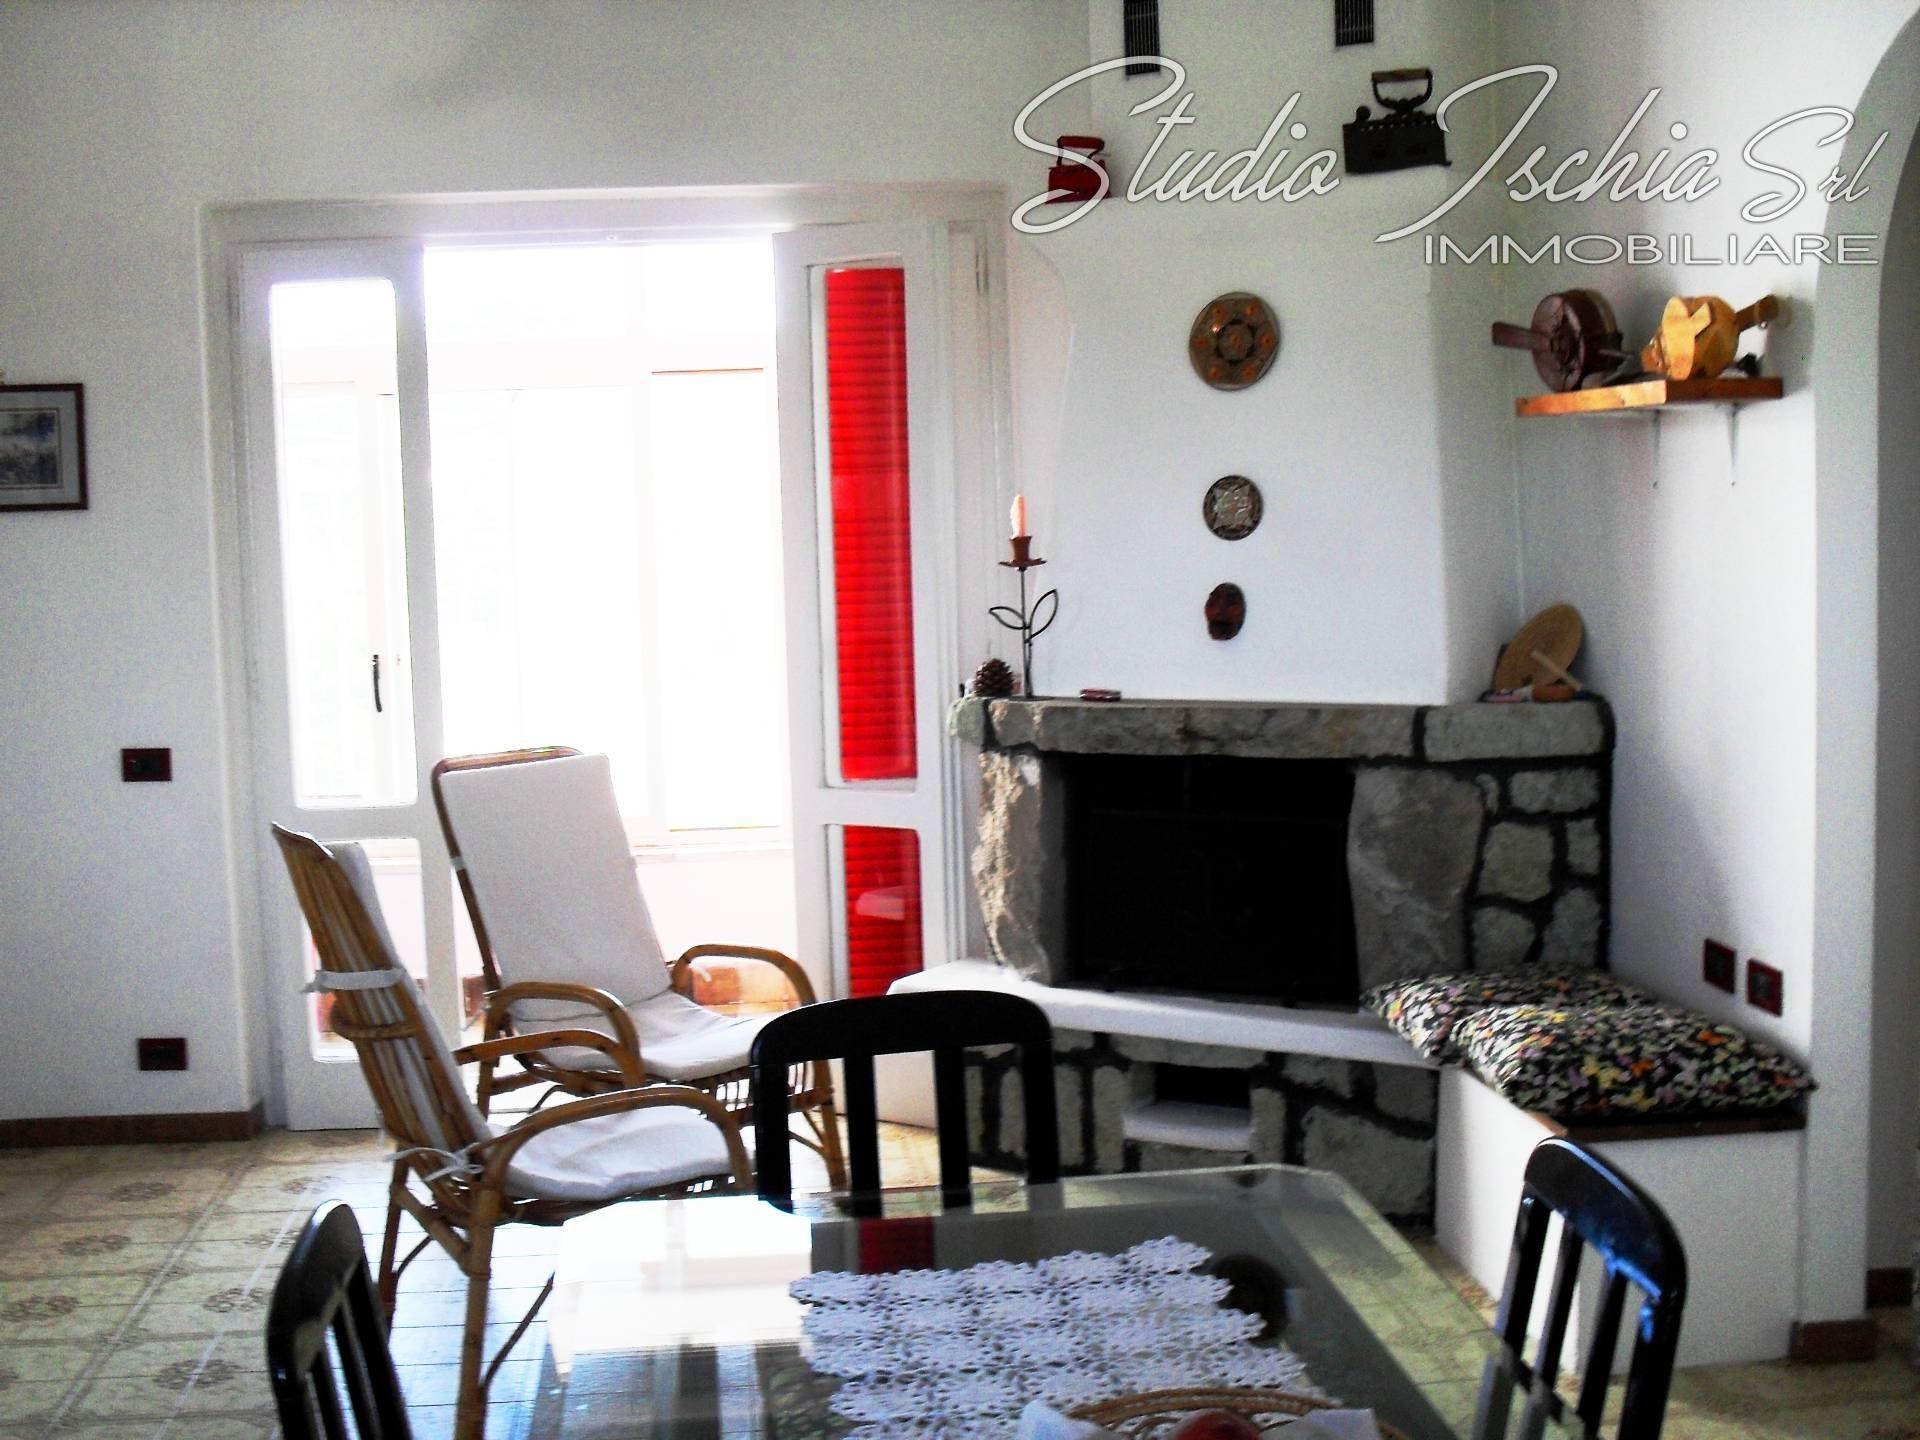 Appartamento in vendita a Forio, 6 locali, prezzo € 280.000 | CambioCasa.it